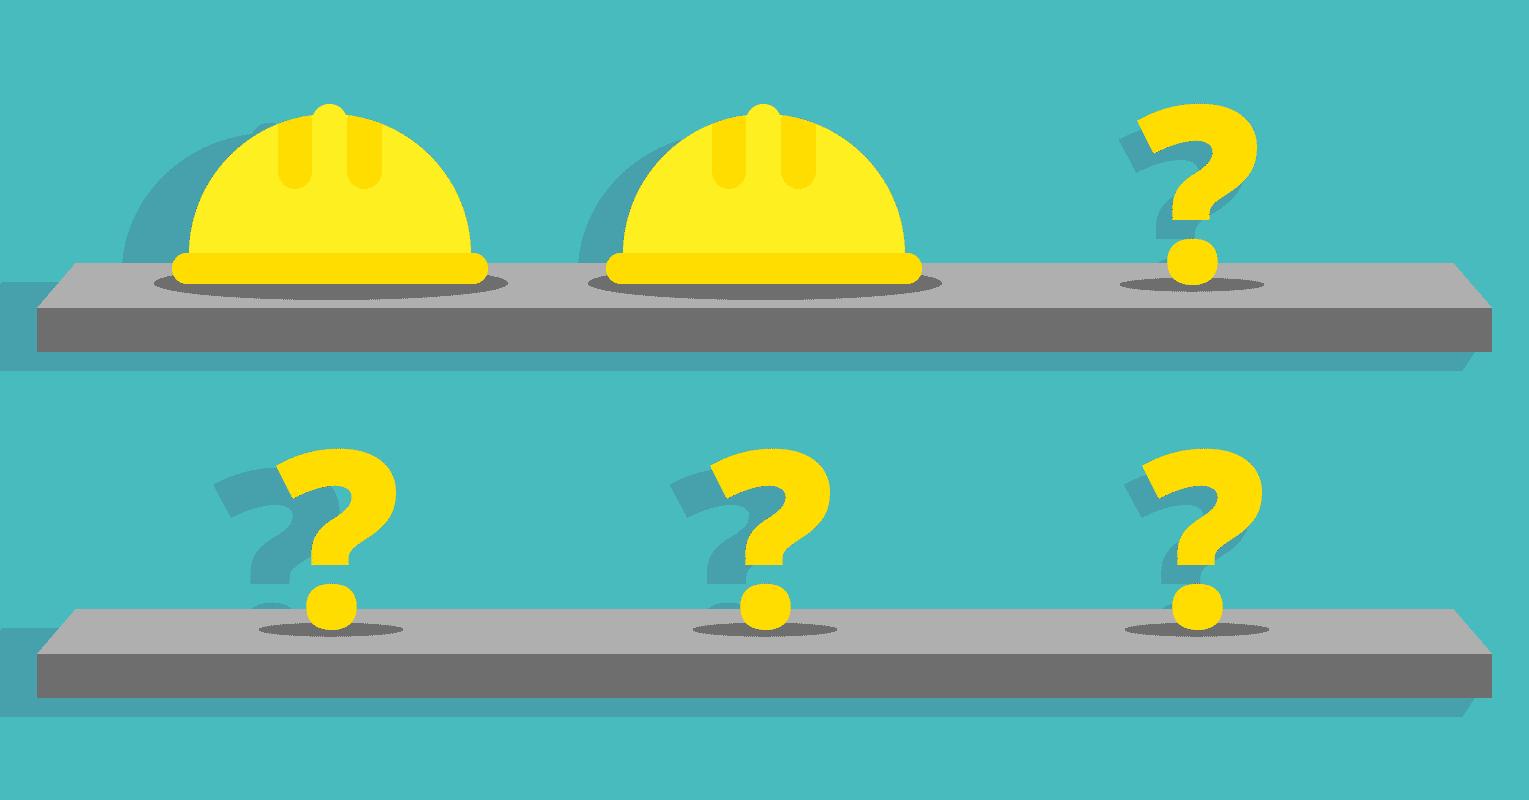 Automação e segurança no trabalho